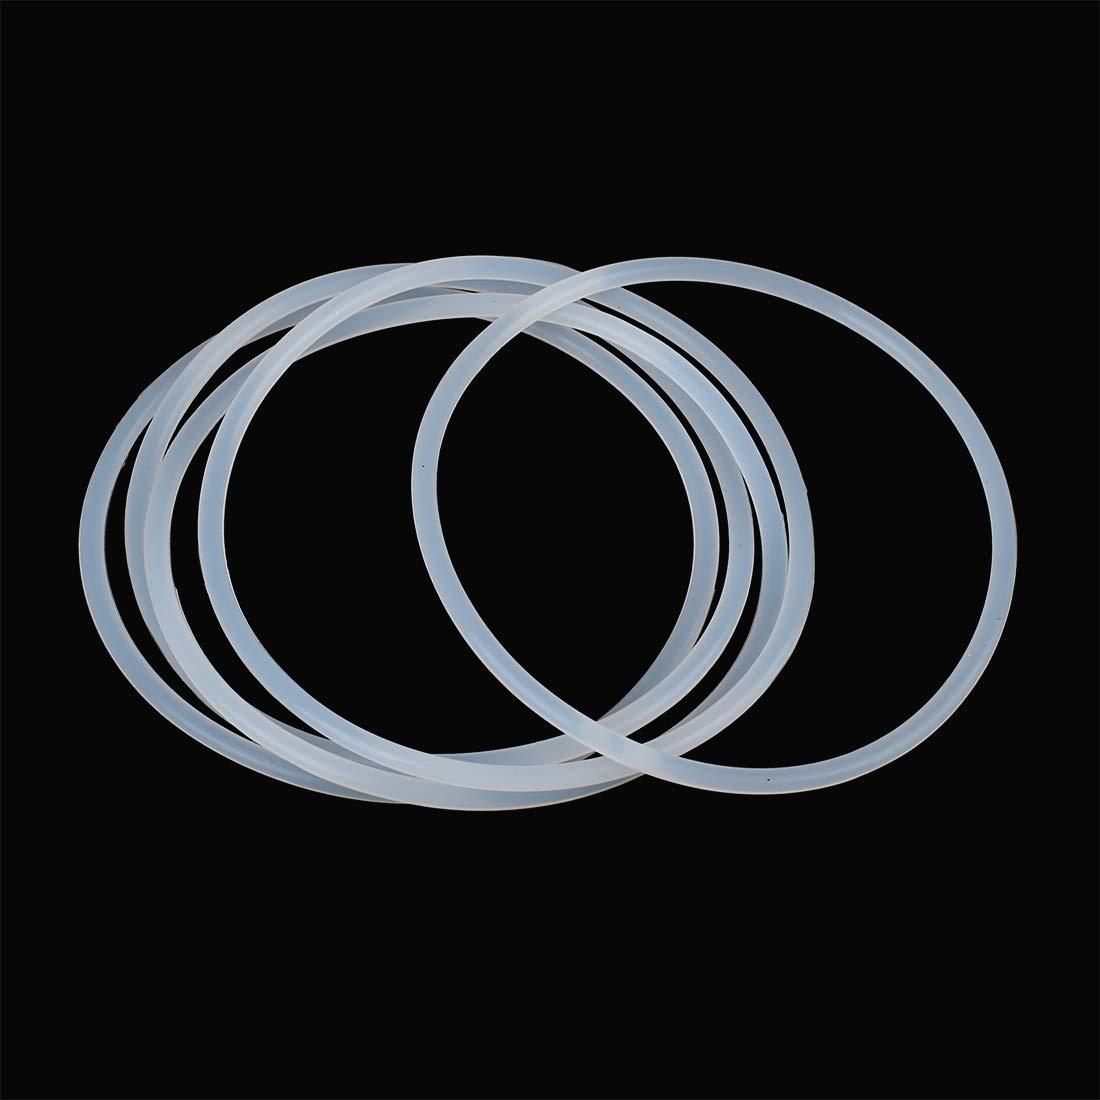 sourcing map 5 STK O-Ring VMQ Dichtungsscheiben Silikon Gummi 80mm x 3,1mm Wei/ß f/ür Auto